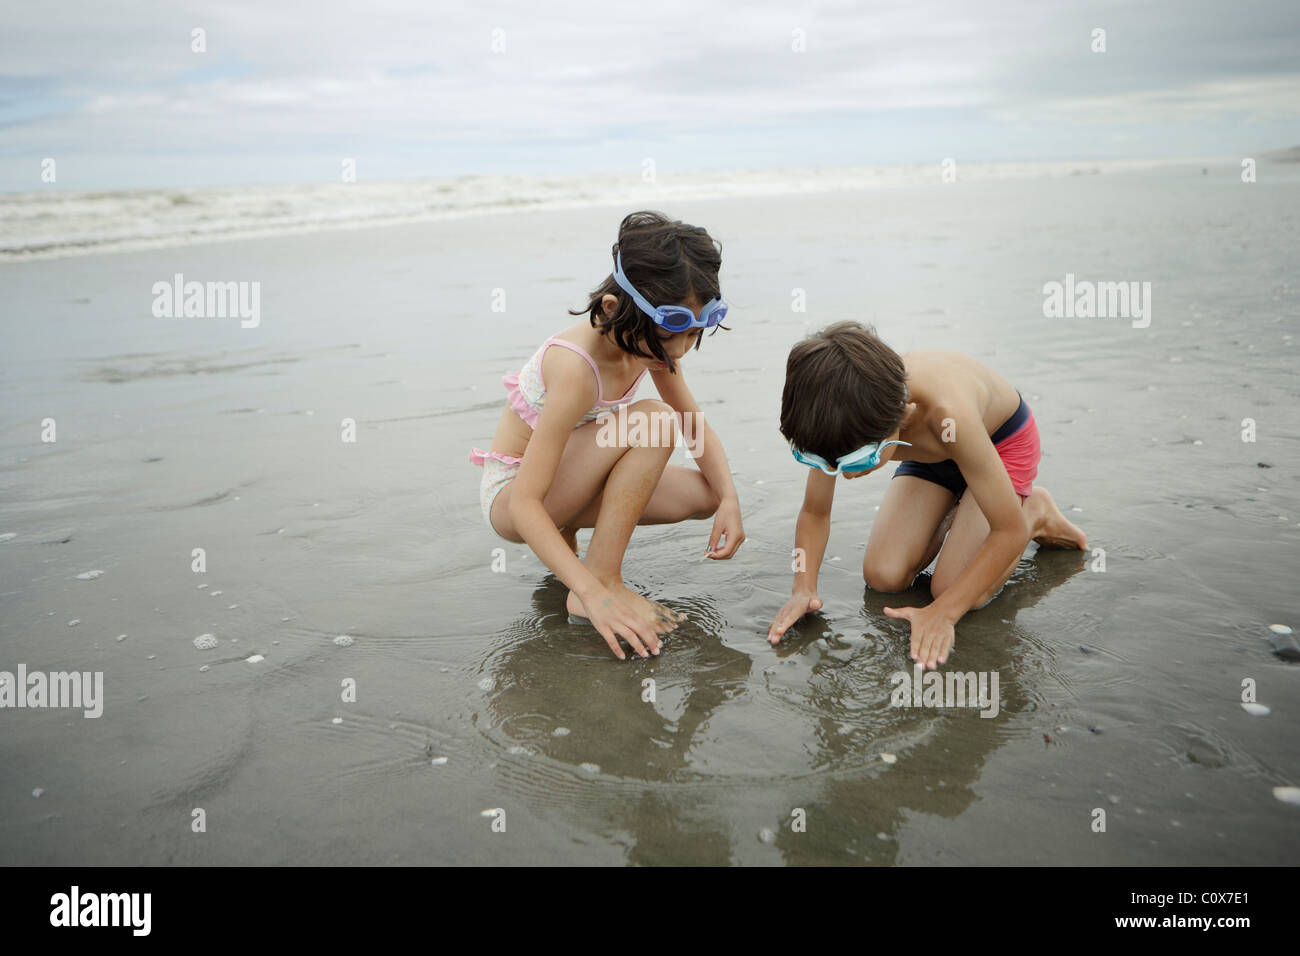 Frère et sœur, mixed race, jouer dans la mer. Manawatu, Nouvelle-Zélande. Banque D'Images